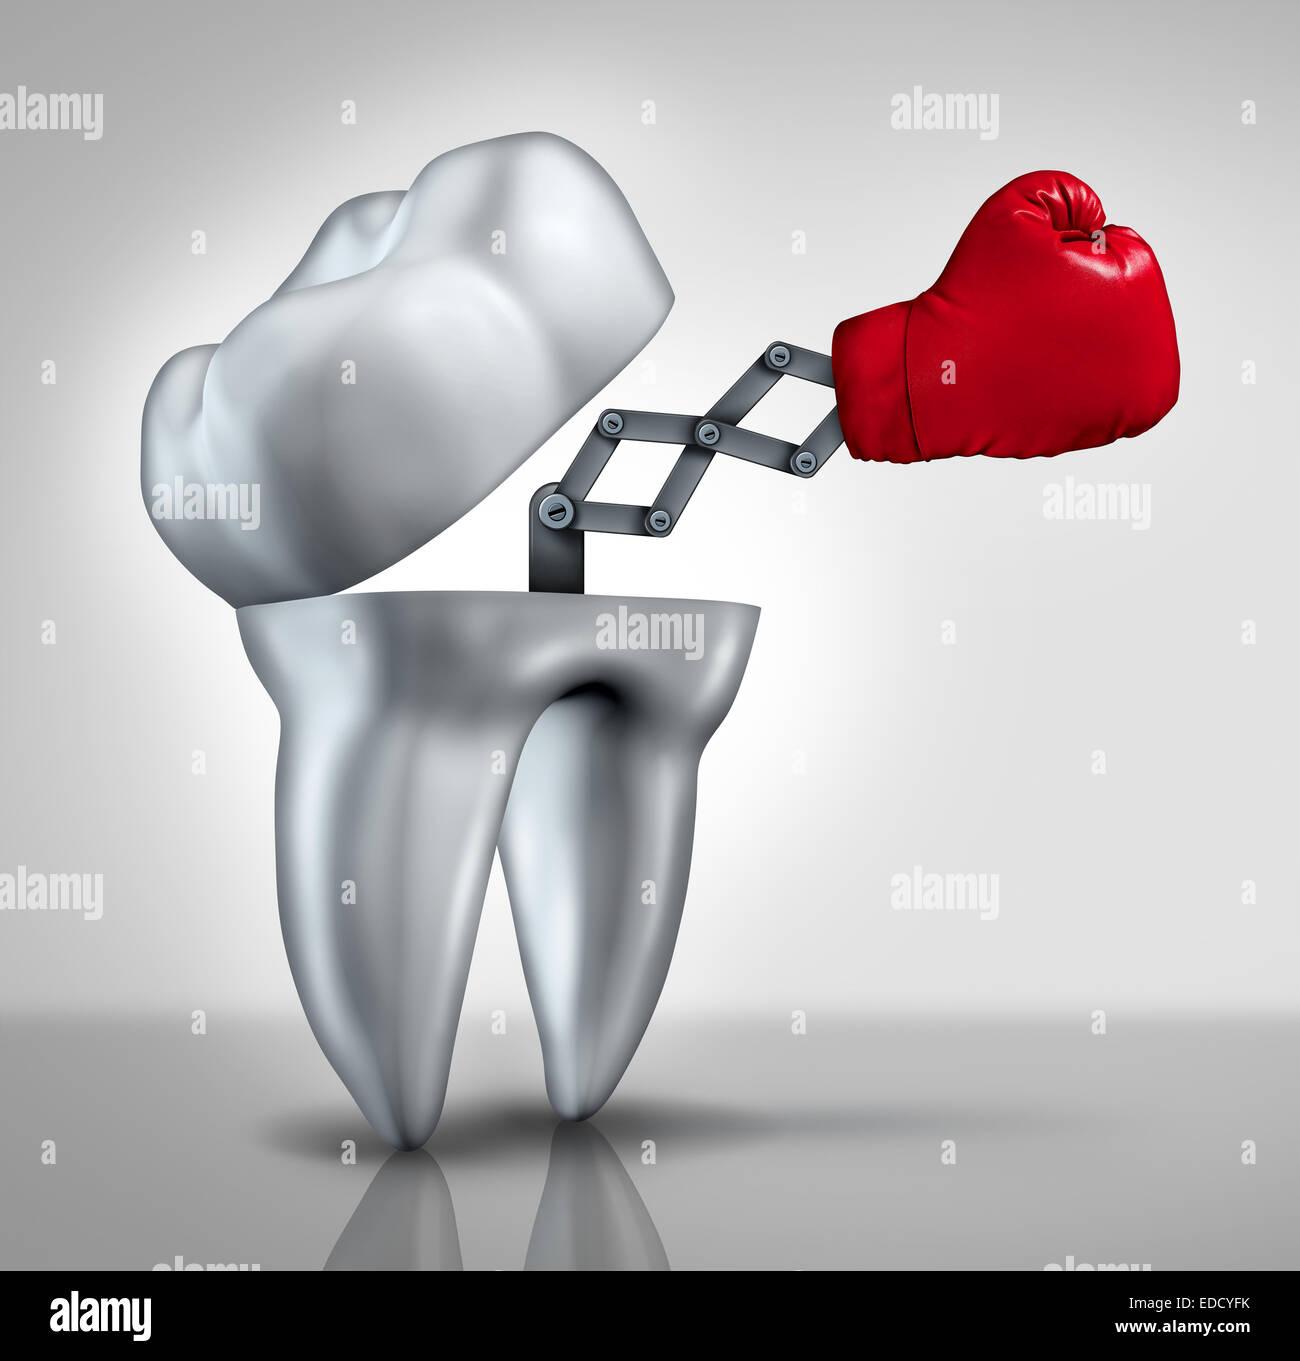 La lutte contre les caries dentaires et les soins de santé comme un concept d'une molaire avec un gant Photo Stock